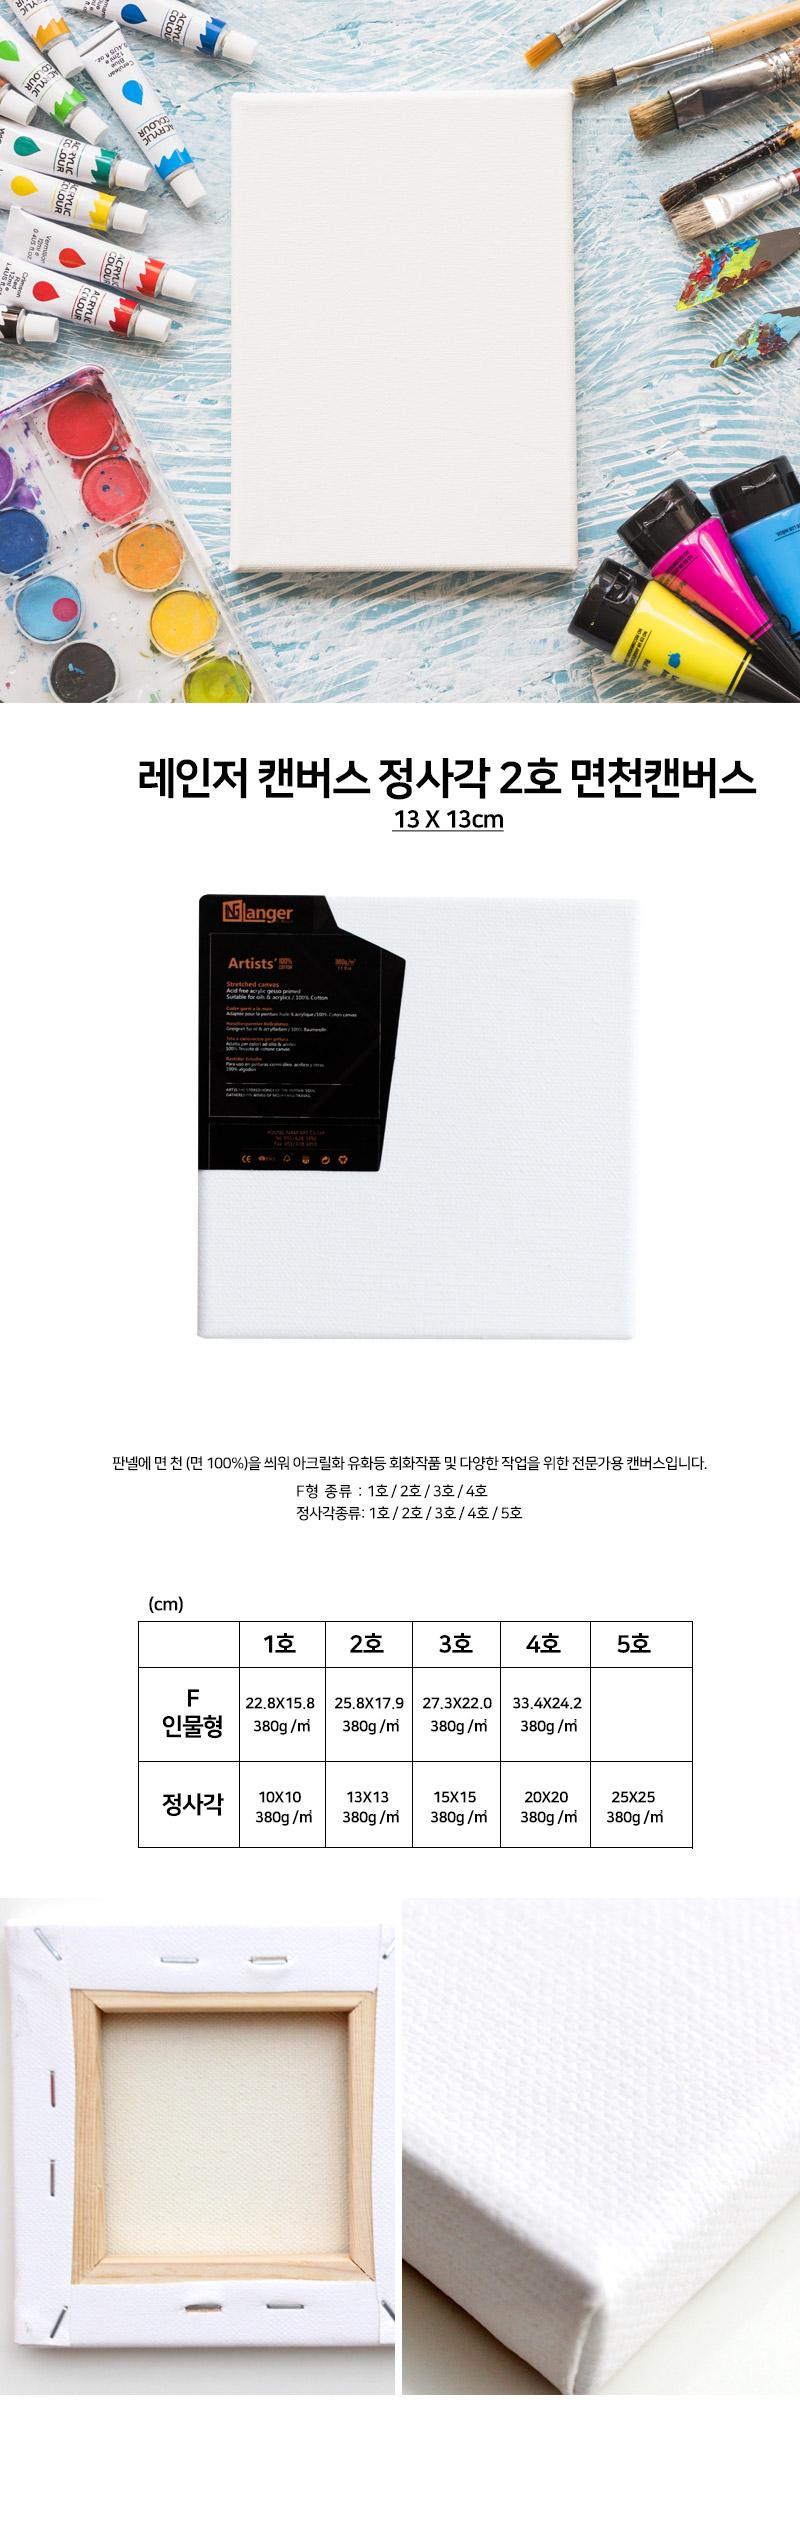 2300 레인저 캔버스 정사각2(13X13) 미술 면천캔버스 - 빅드림, 1,840원, 화방지류, 유화/아크릴스케치북